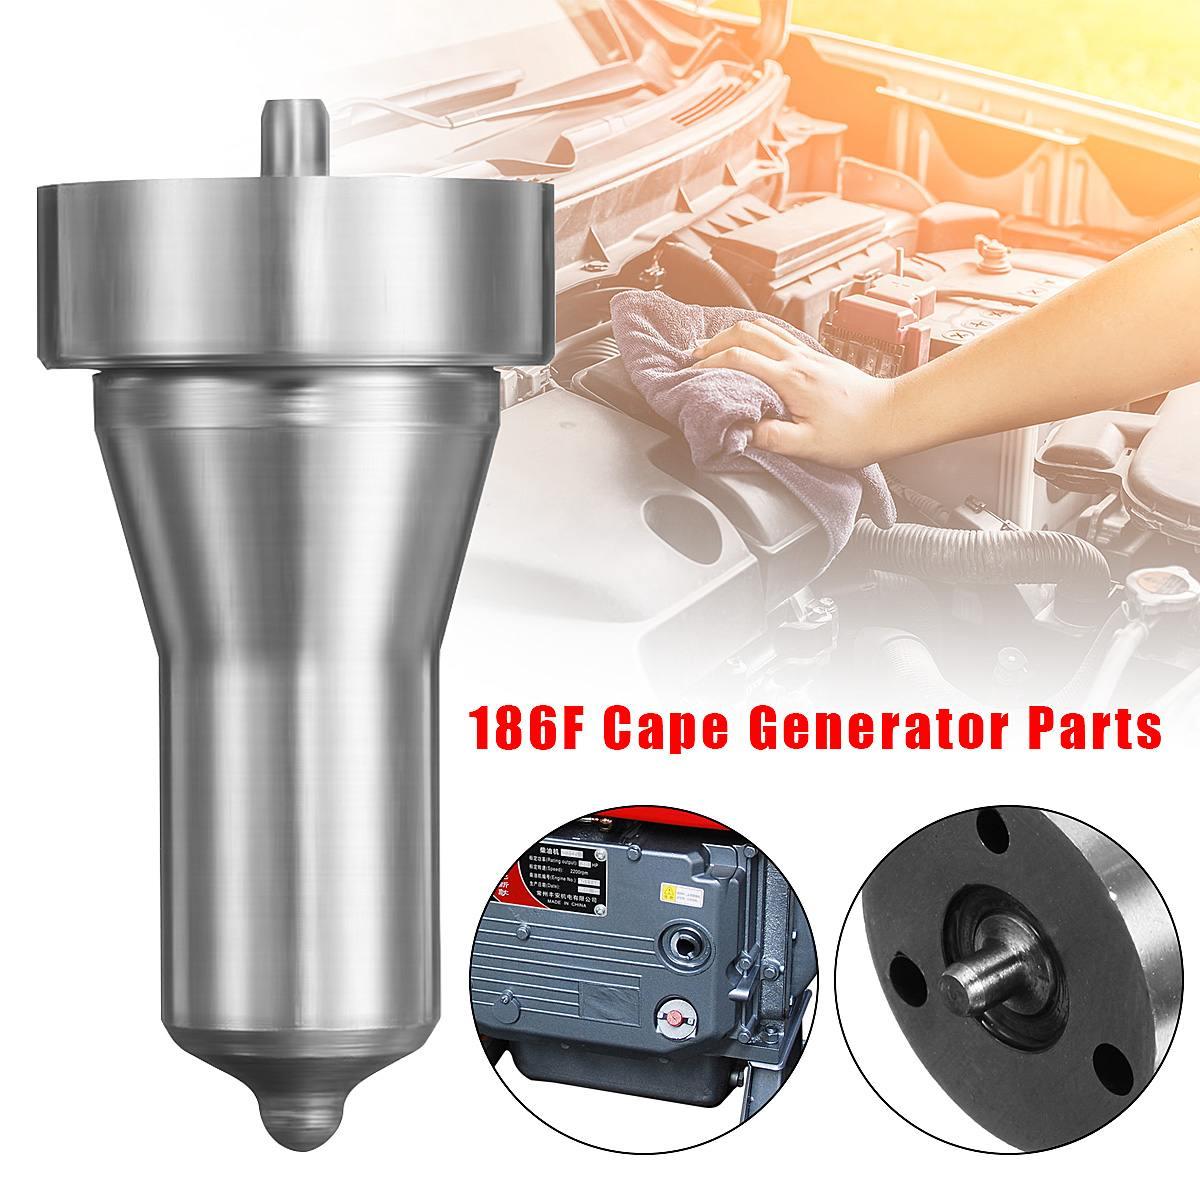 Топливная форсунка 186F Для Kipor 170F 173F 178F дизельный генератор охлажденного воздуха